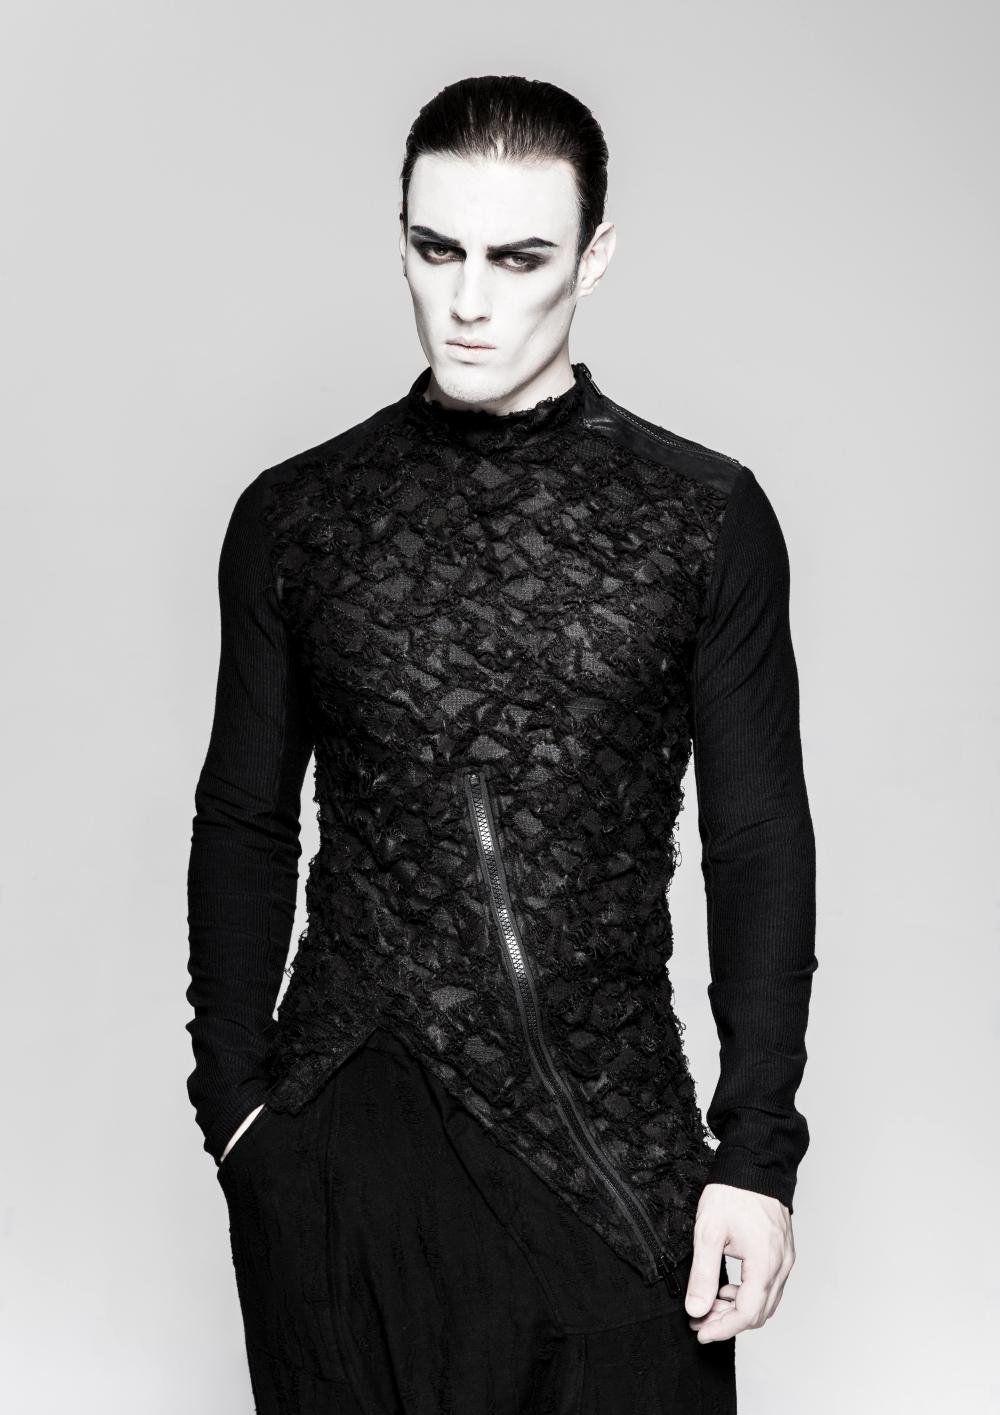 Top large choix de vêtements gothiques hommes au meilleur prix ER71